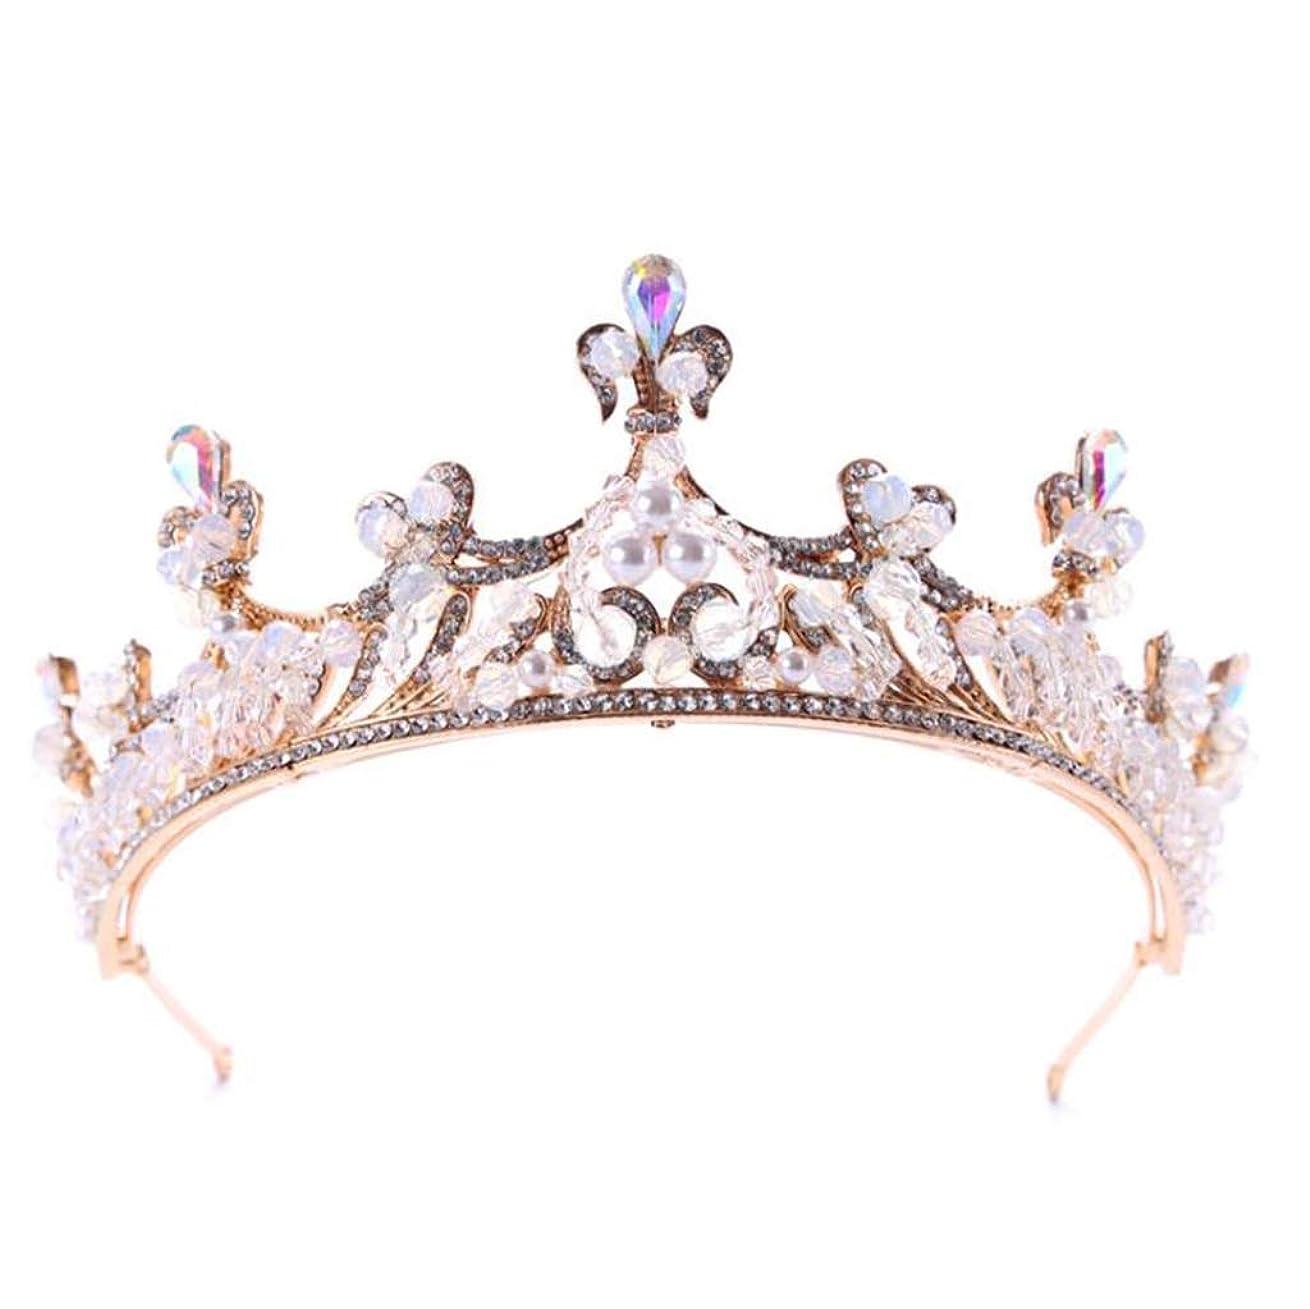 造船最も遠い賭けクラウン花嫁クリスタルクラウン天使の羽王女ティアラブライダルティアラヘッドバンドウェディングジュエリー (色 : A)